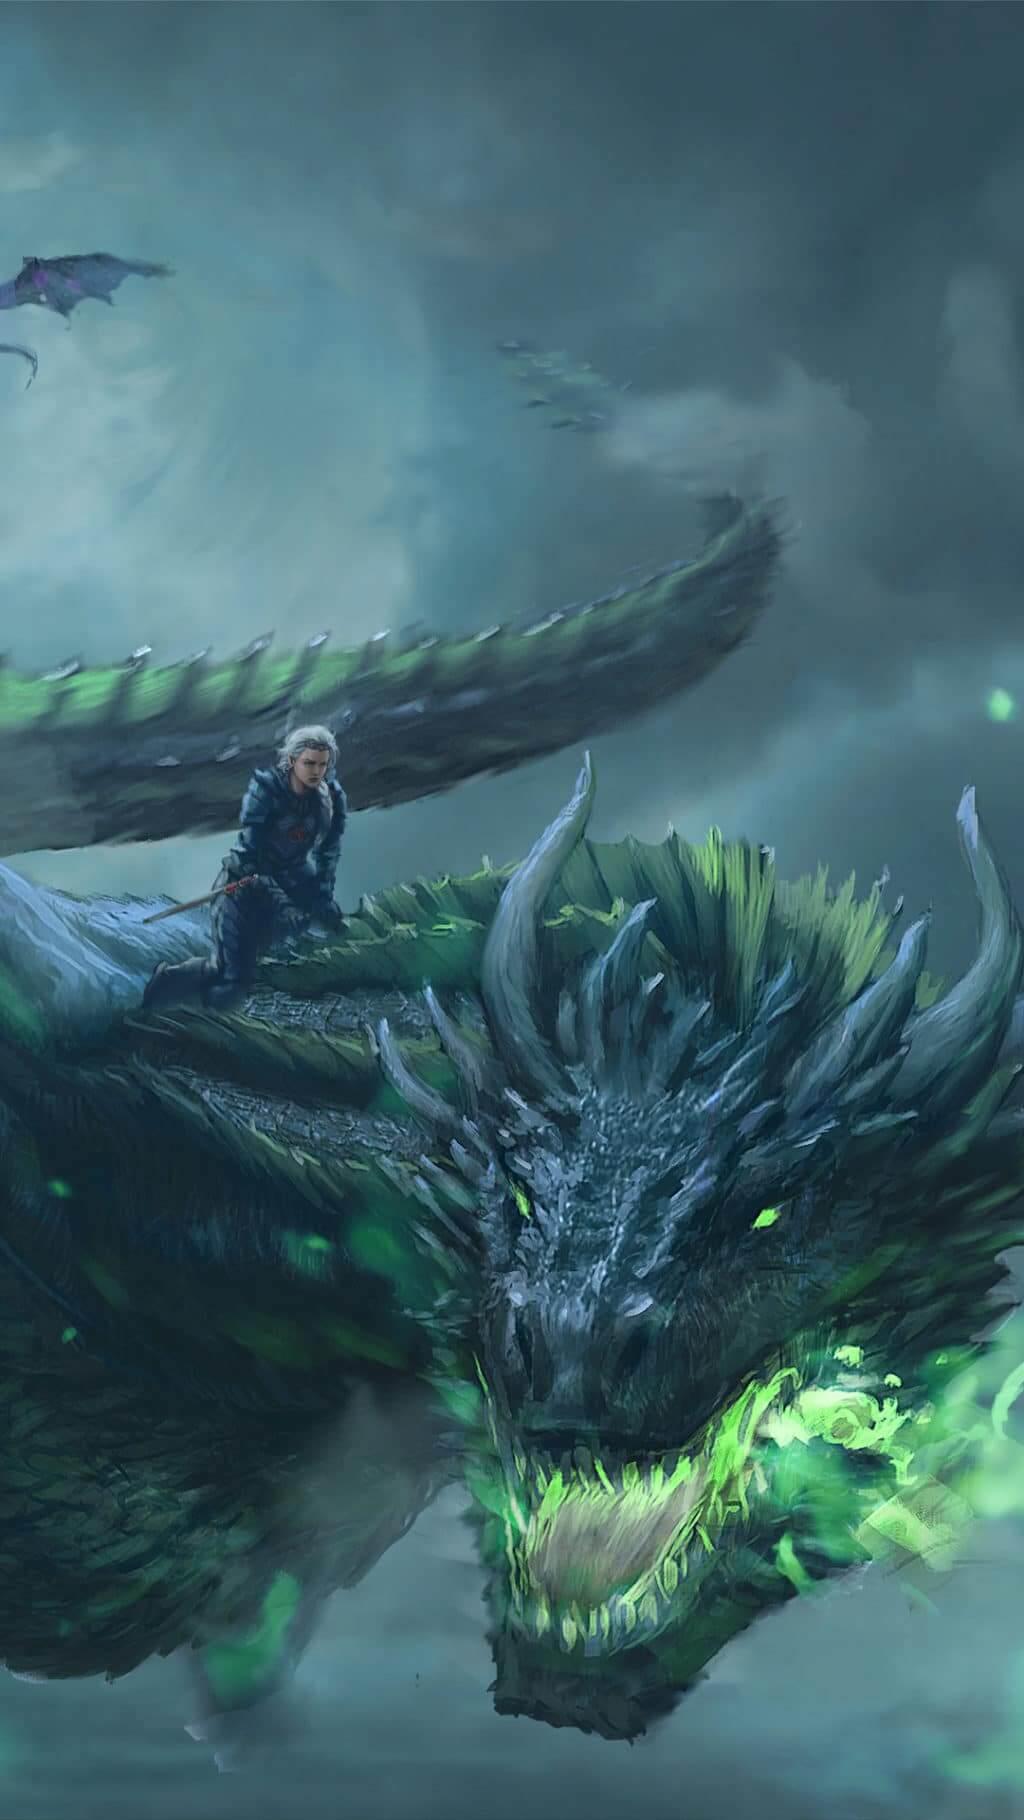 Best Game of thrones (GOT) wallpaper